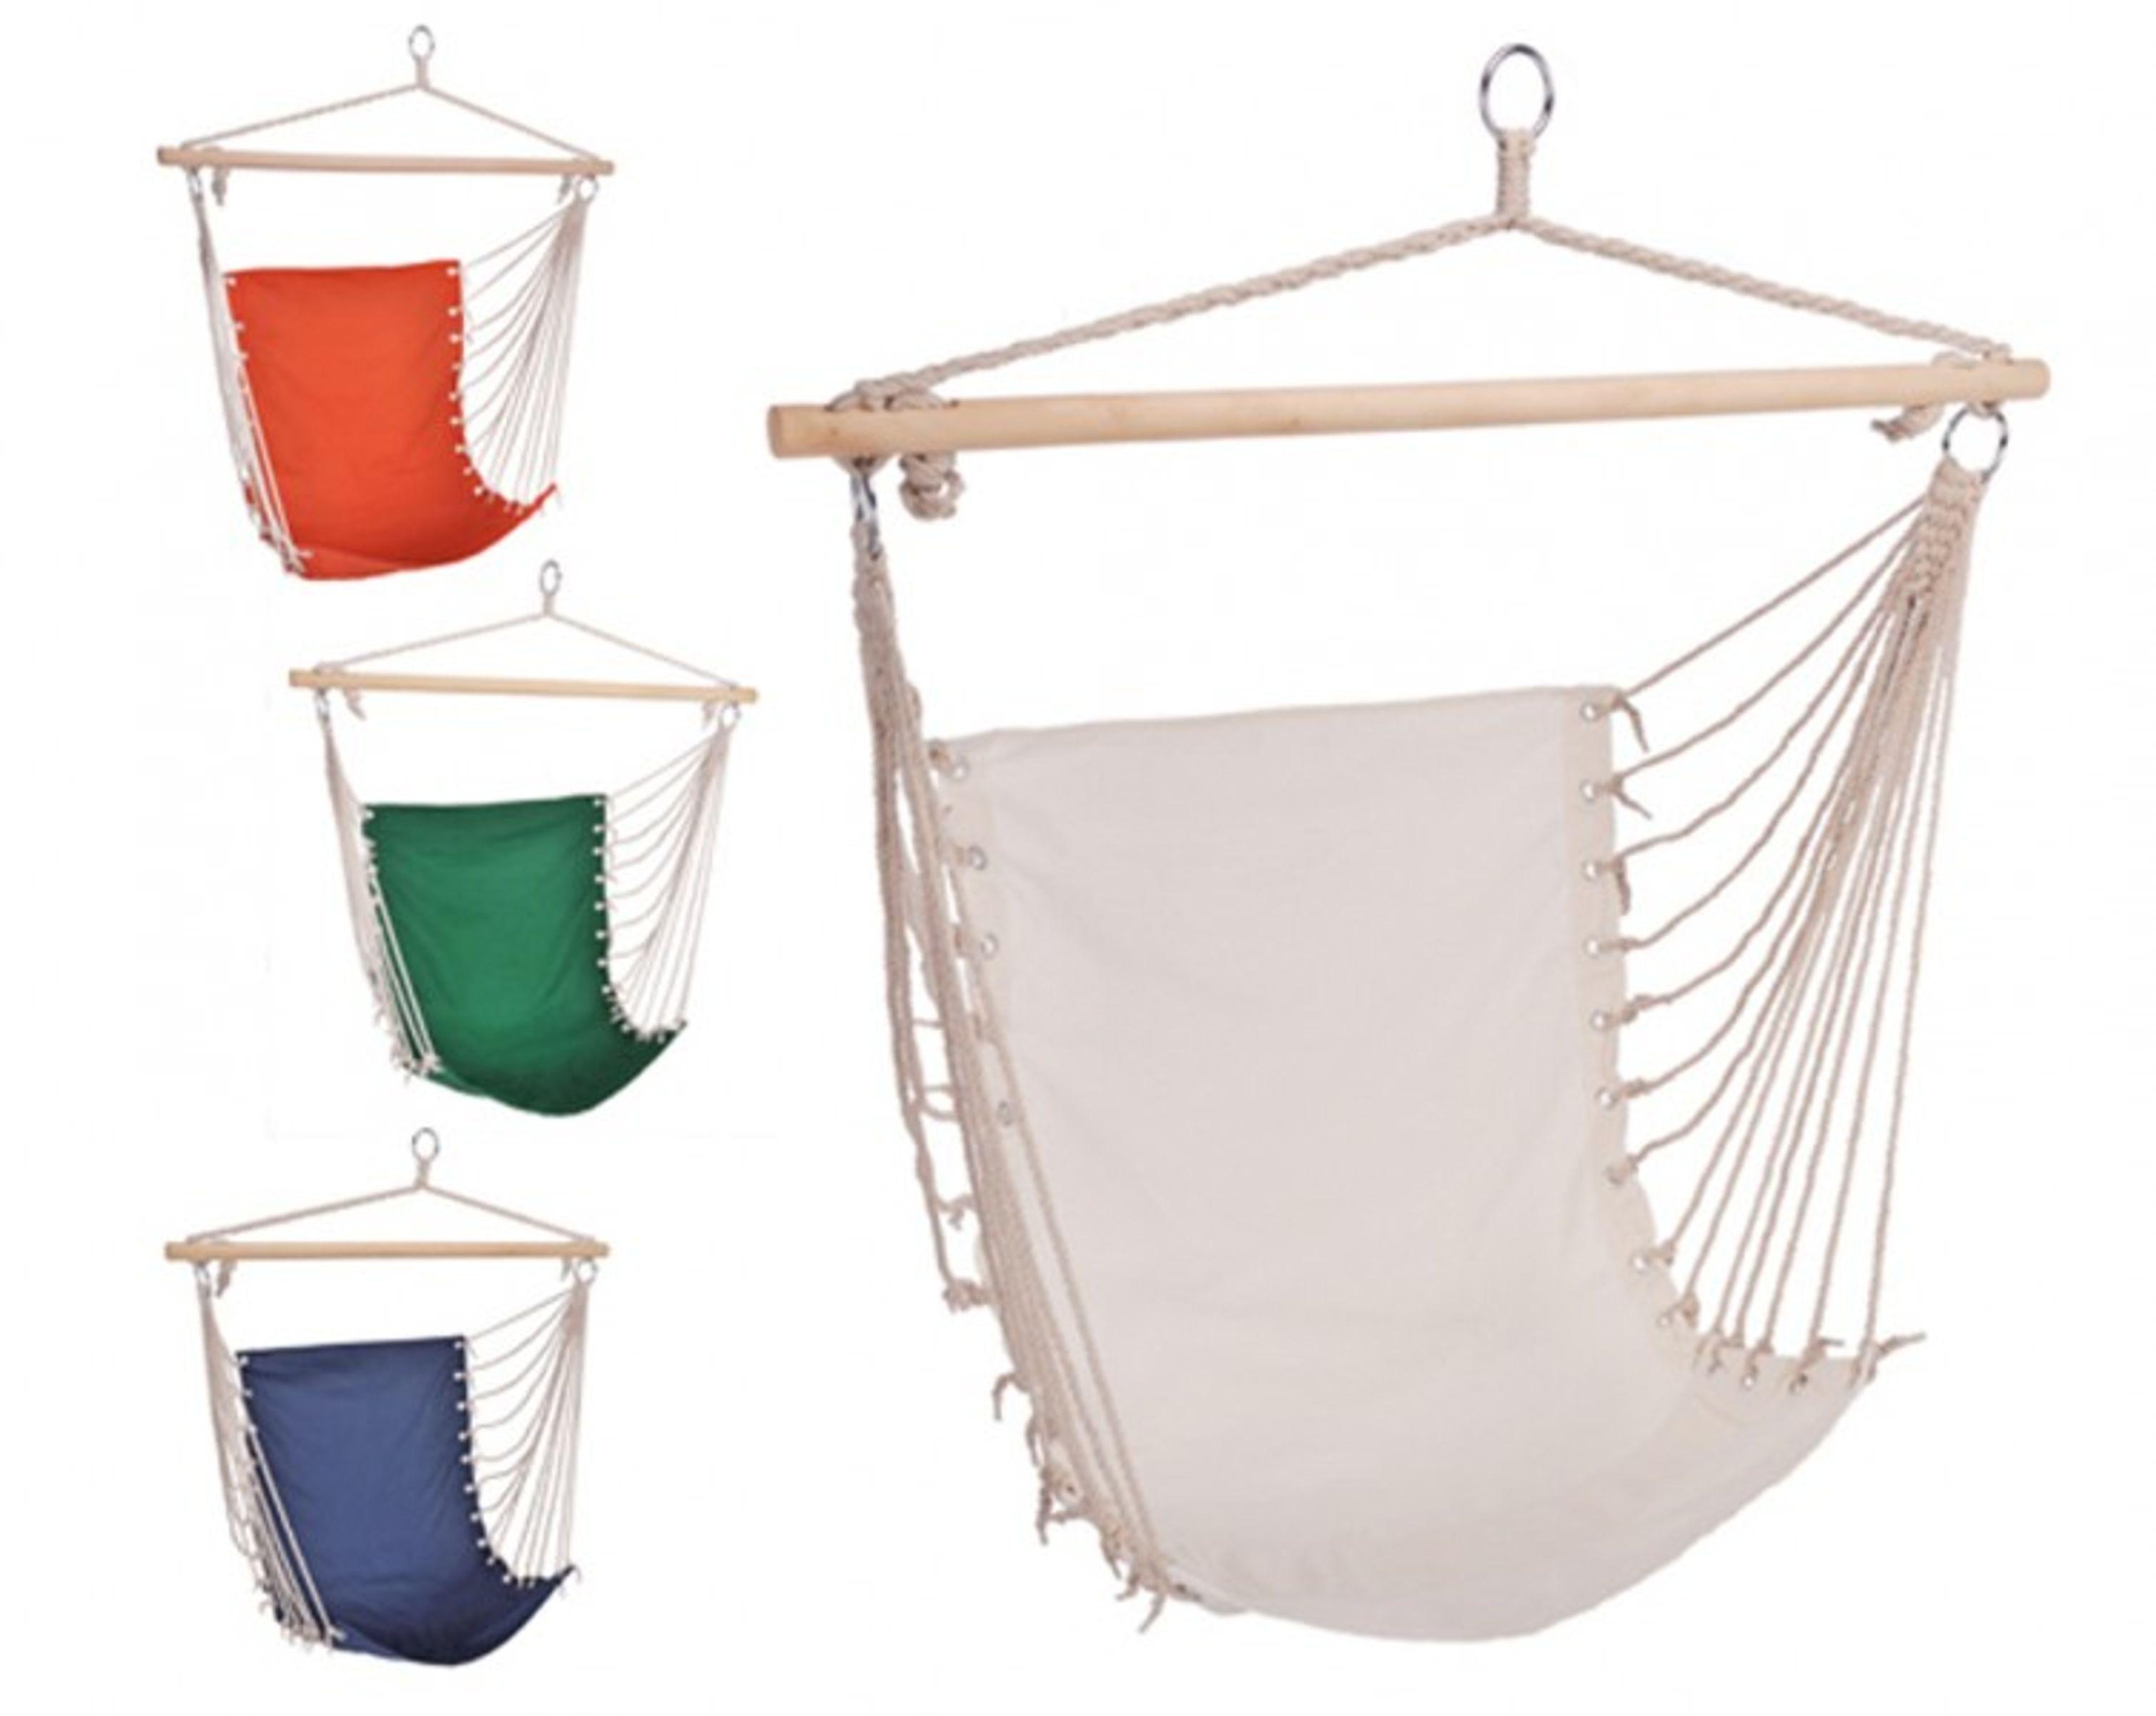 Garten Hängeschaukel hängesitz hängestuhl hängesessel hängematte garten hänge schaukel